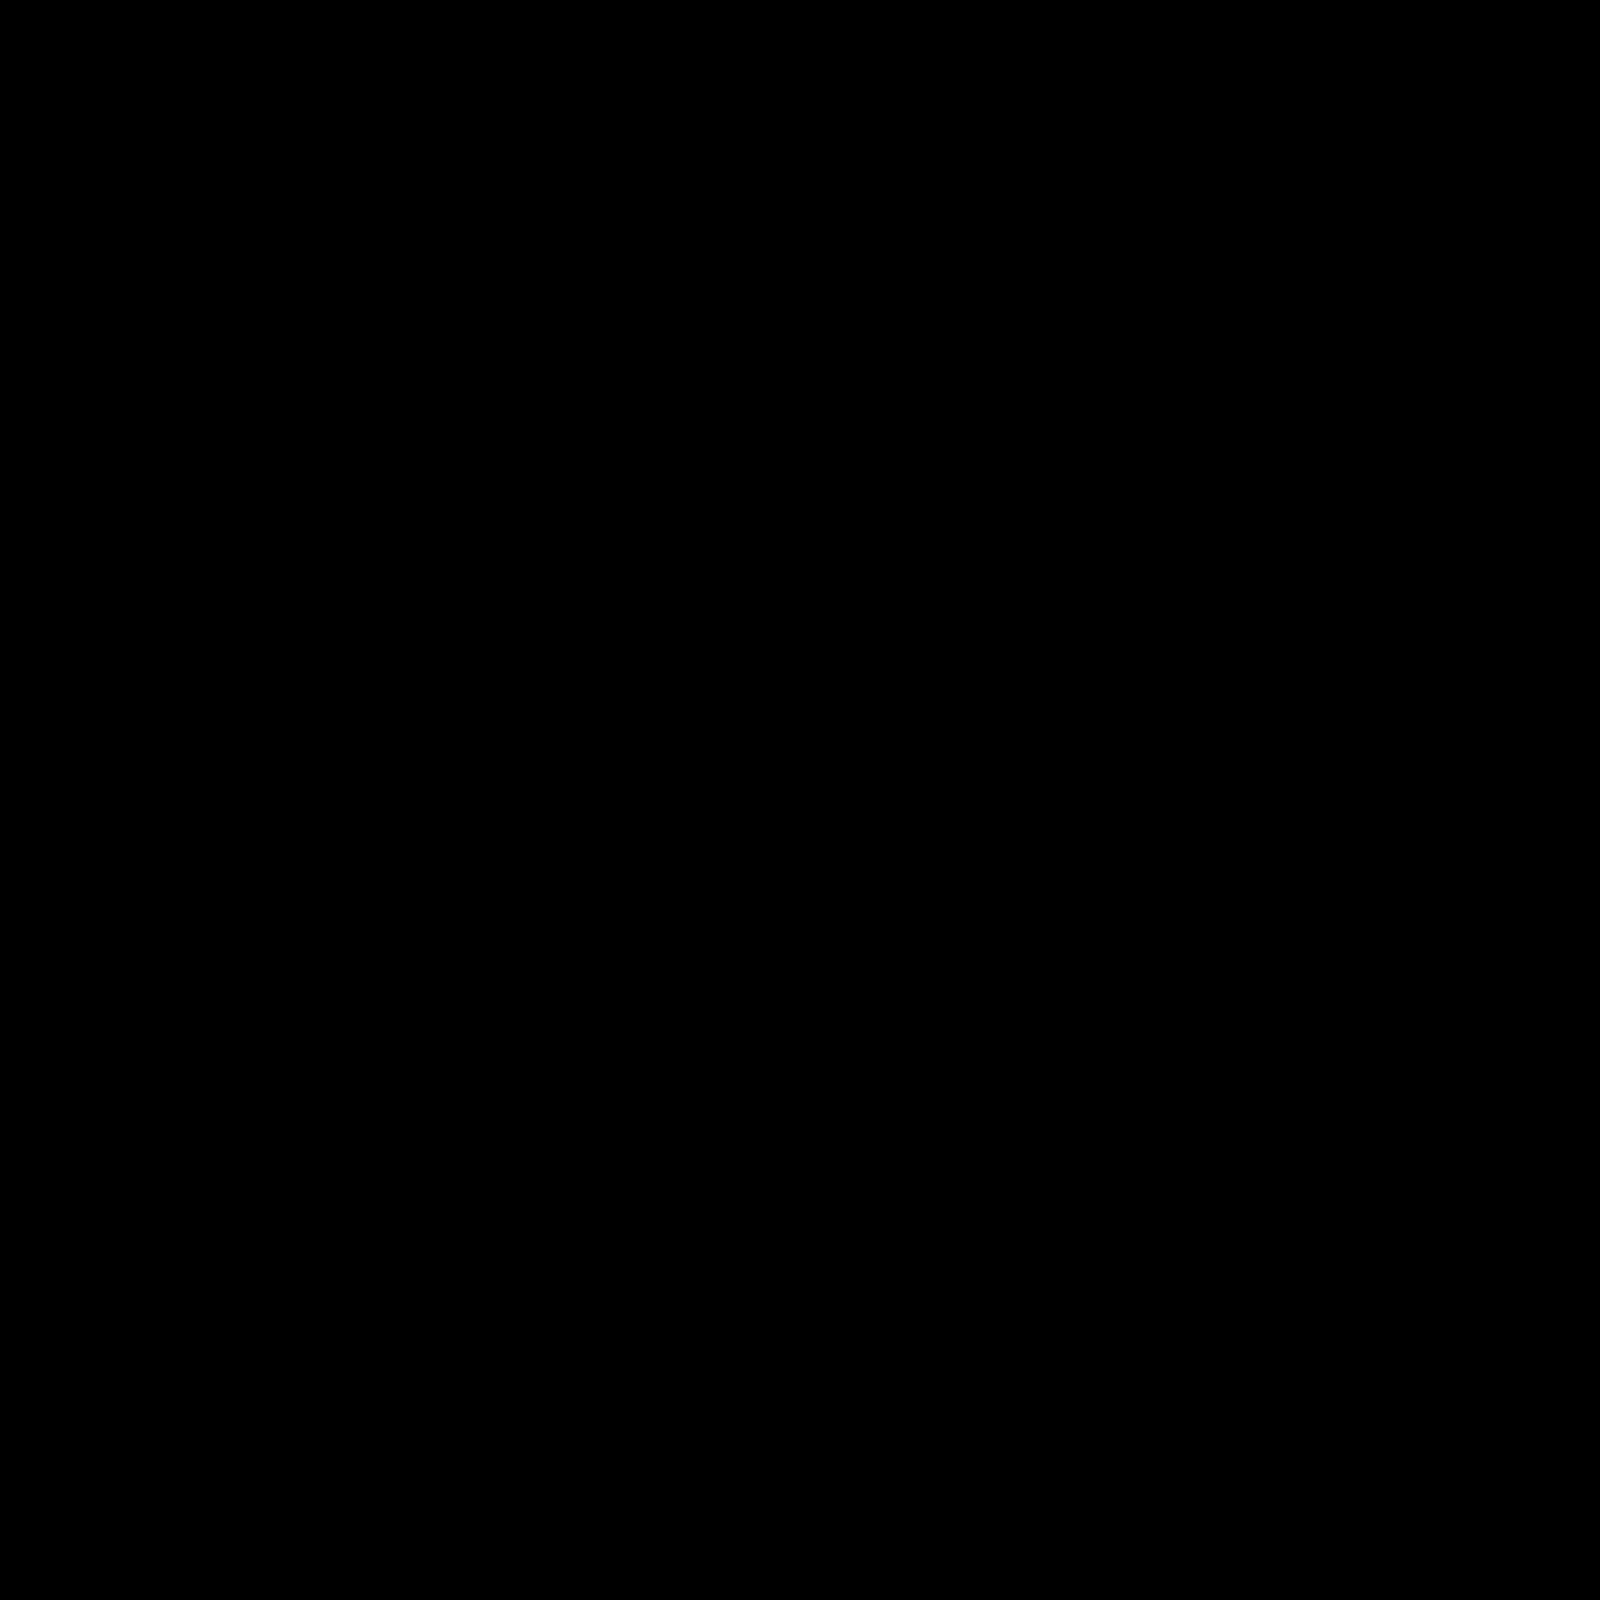 总账 icon